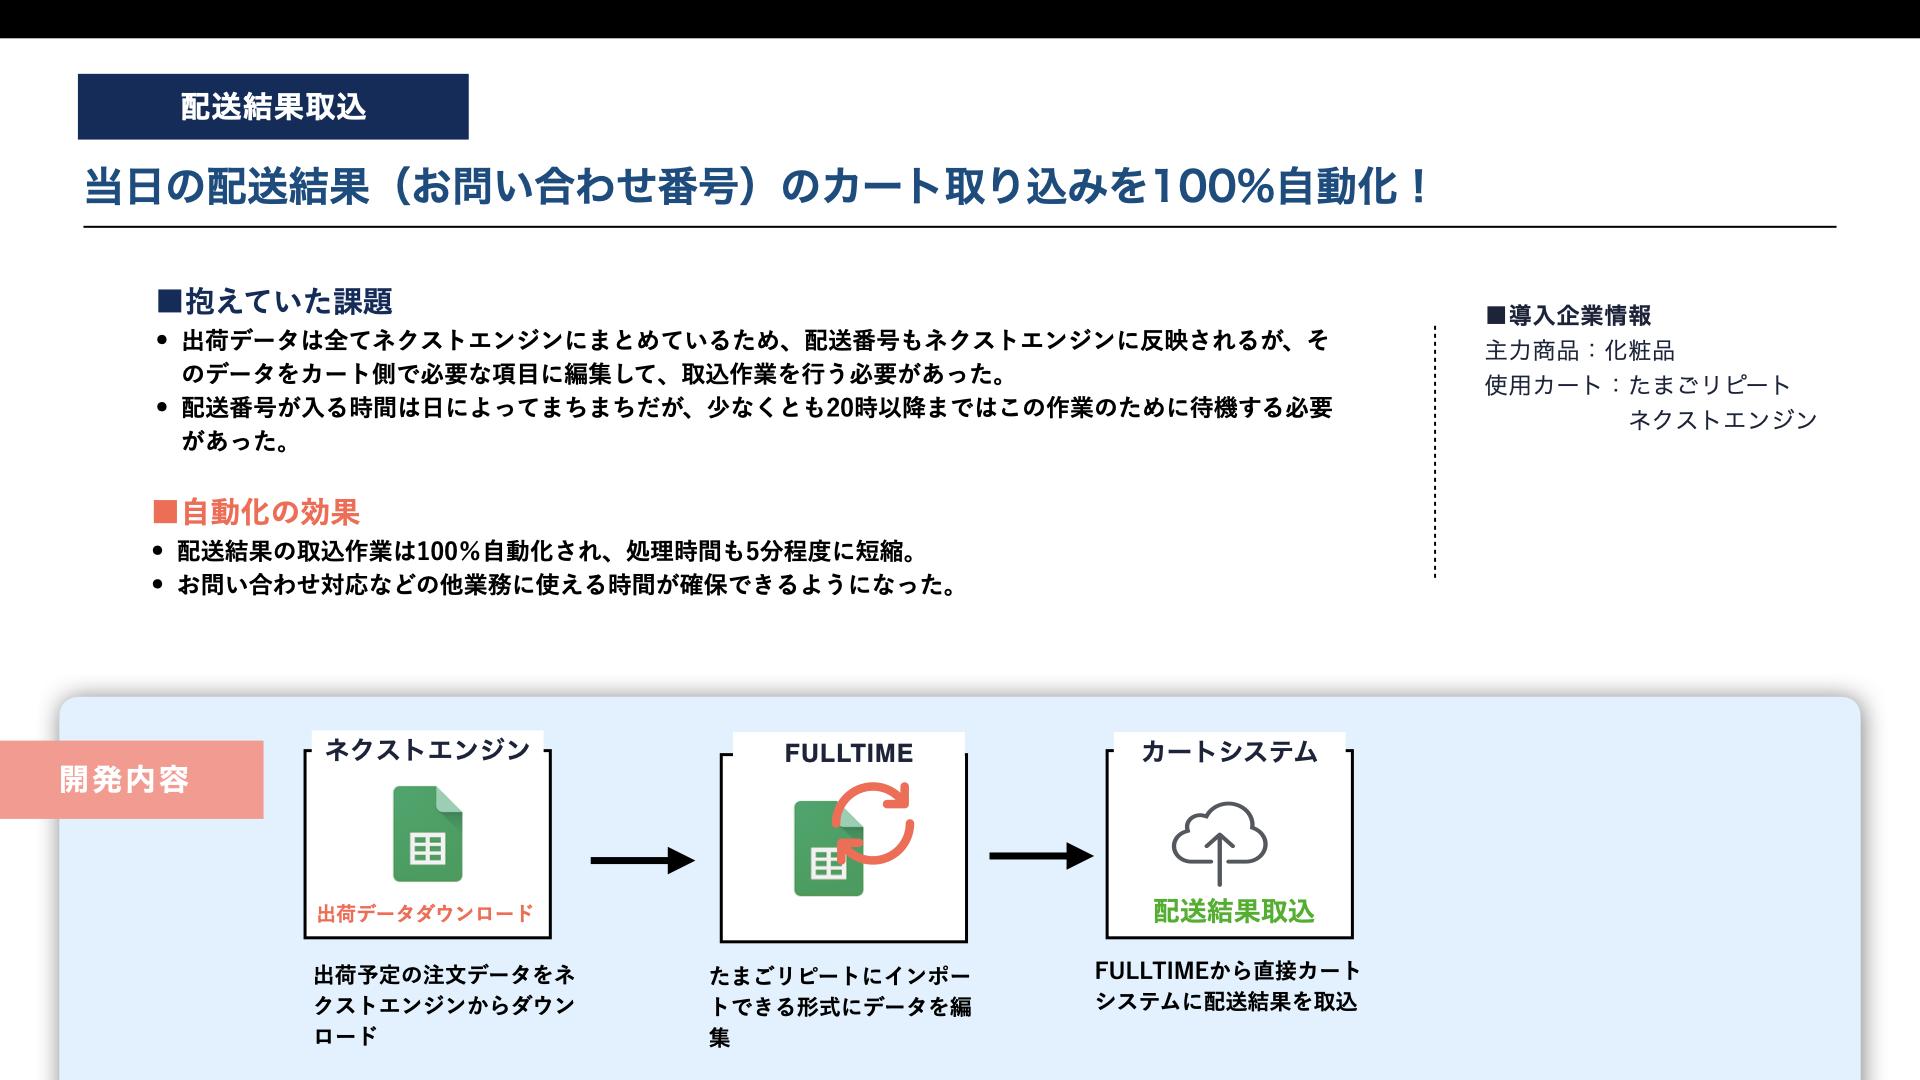 FULLTIME_サービス資料_v2.030